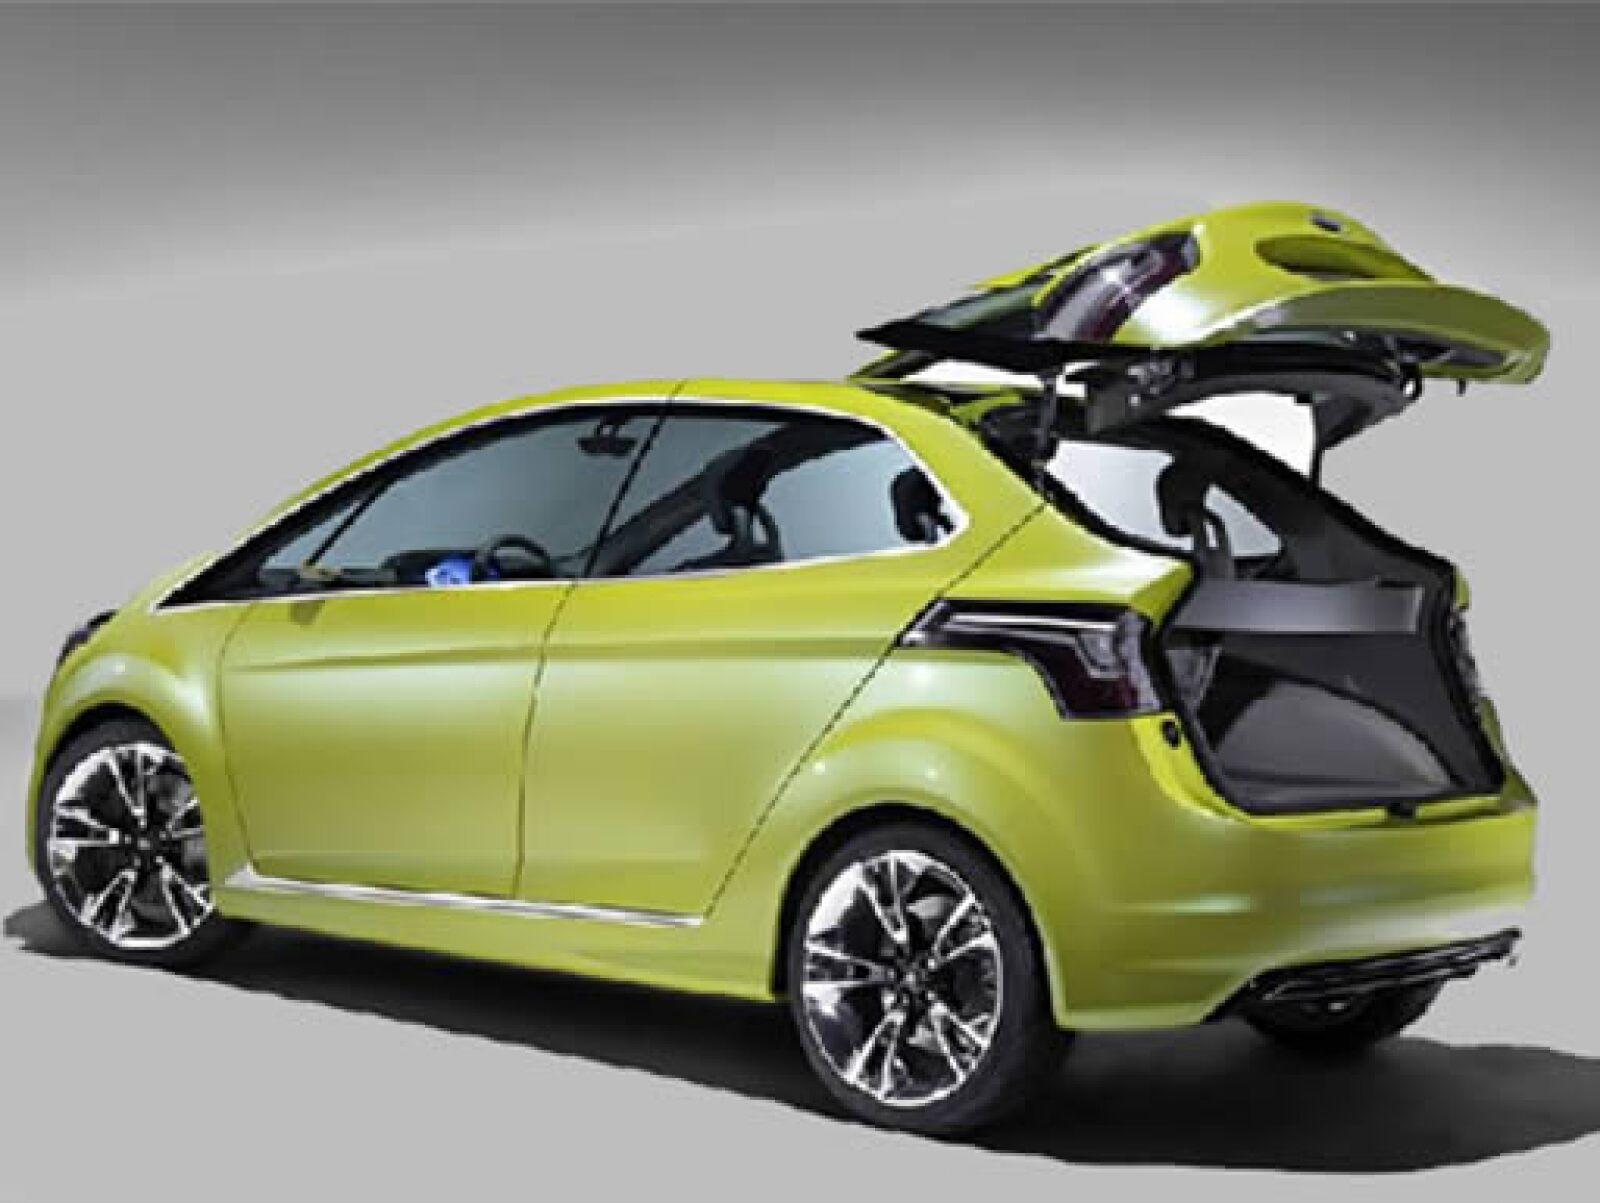 Ford comenzó a desarrollar modelos Losis desde 2005, sobretodo en Europa.